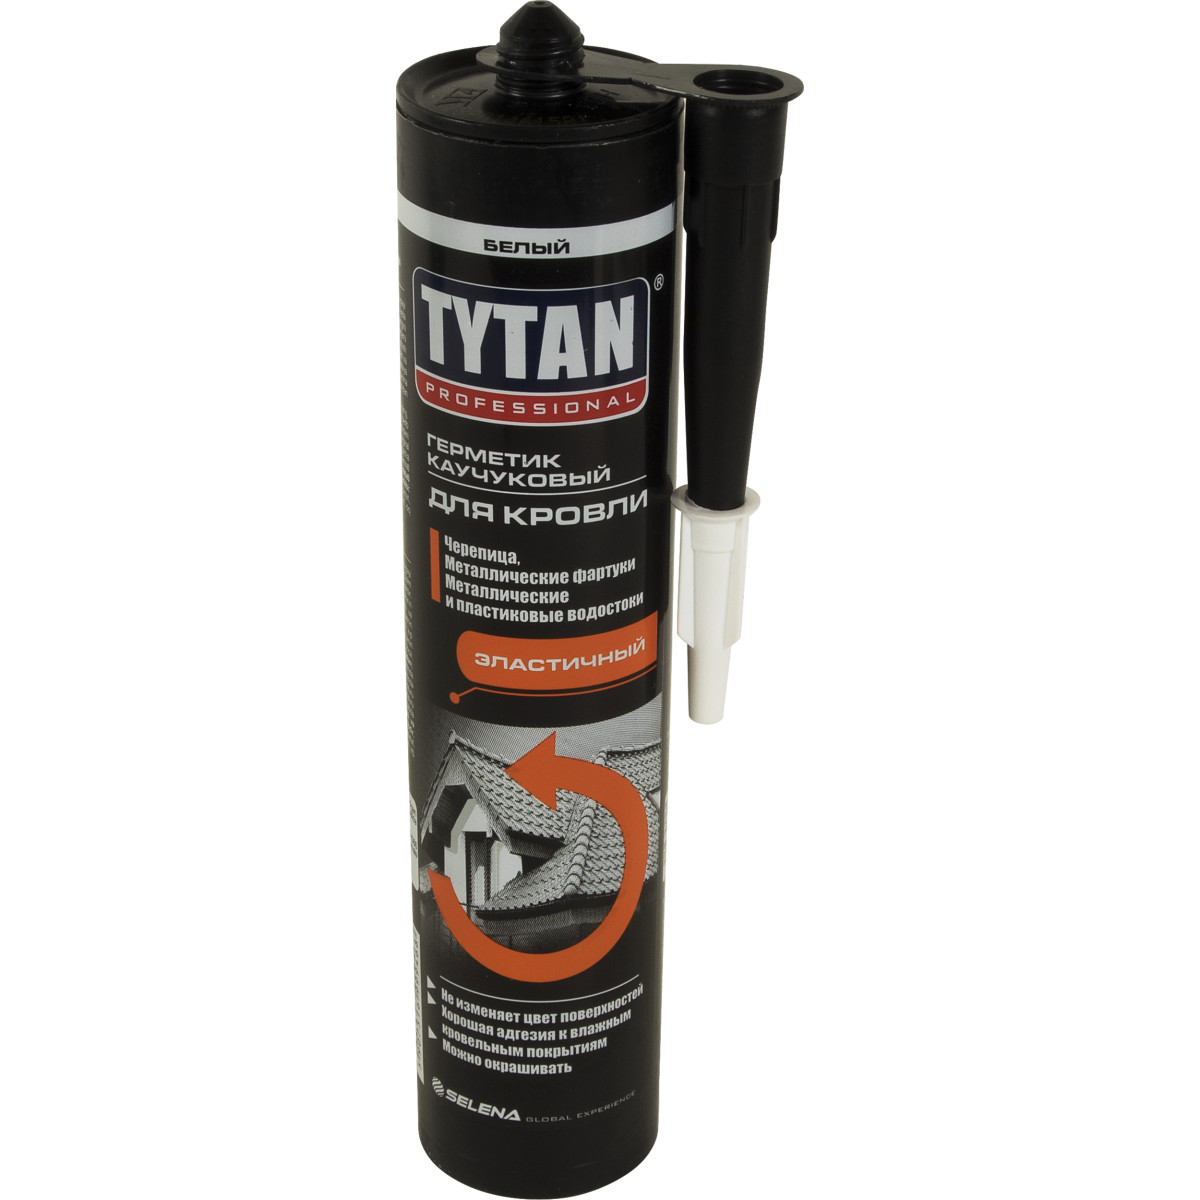 Герметик каучуковый кровельный белый Tytan Professional 310 мл